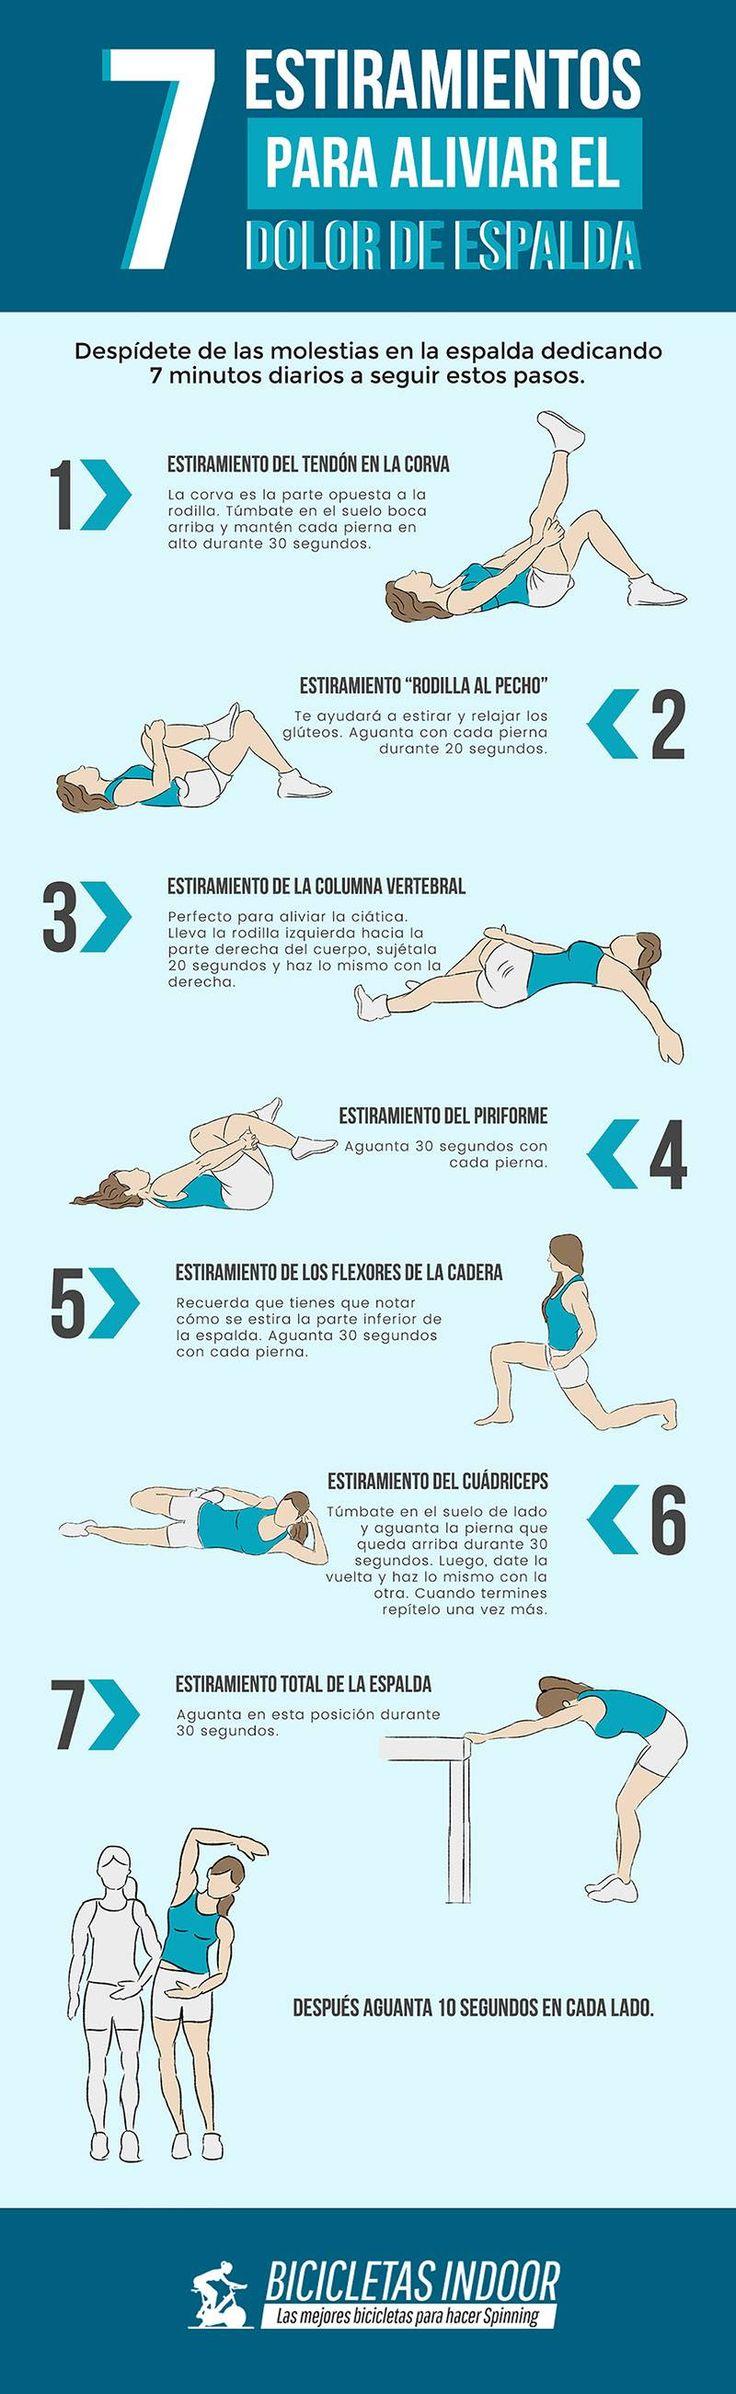 7 Estiramientos para aliviar el dolor de espalda